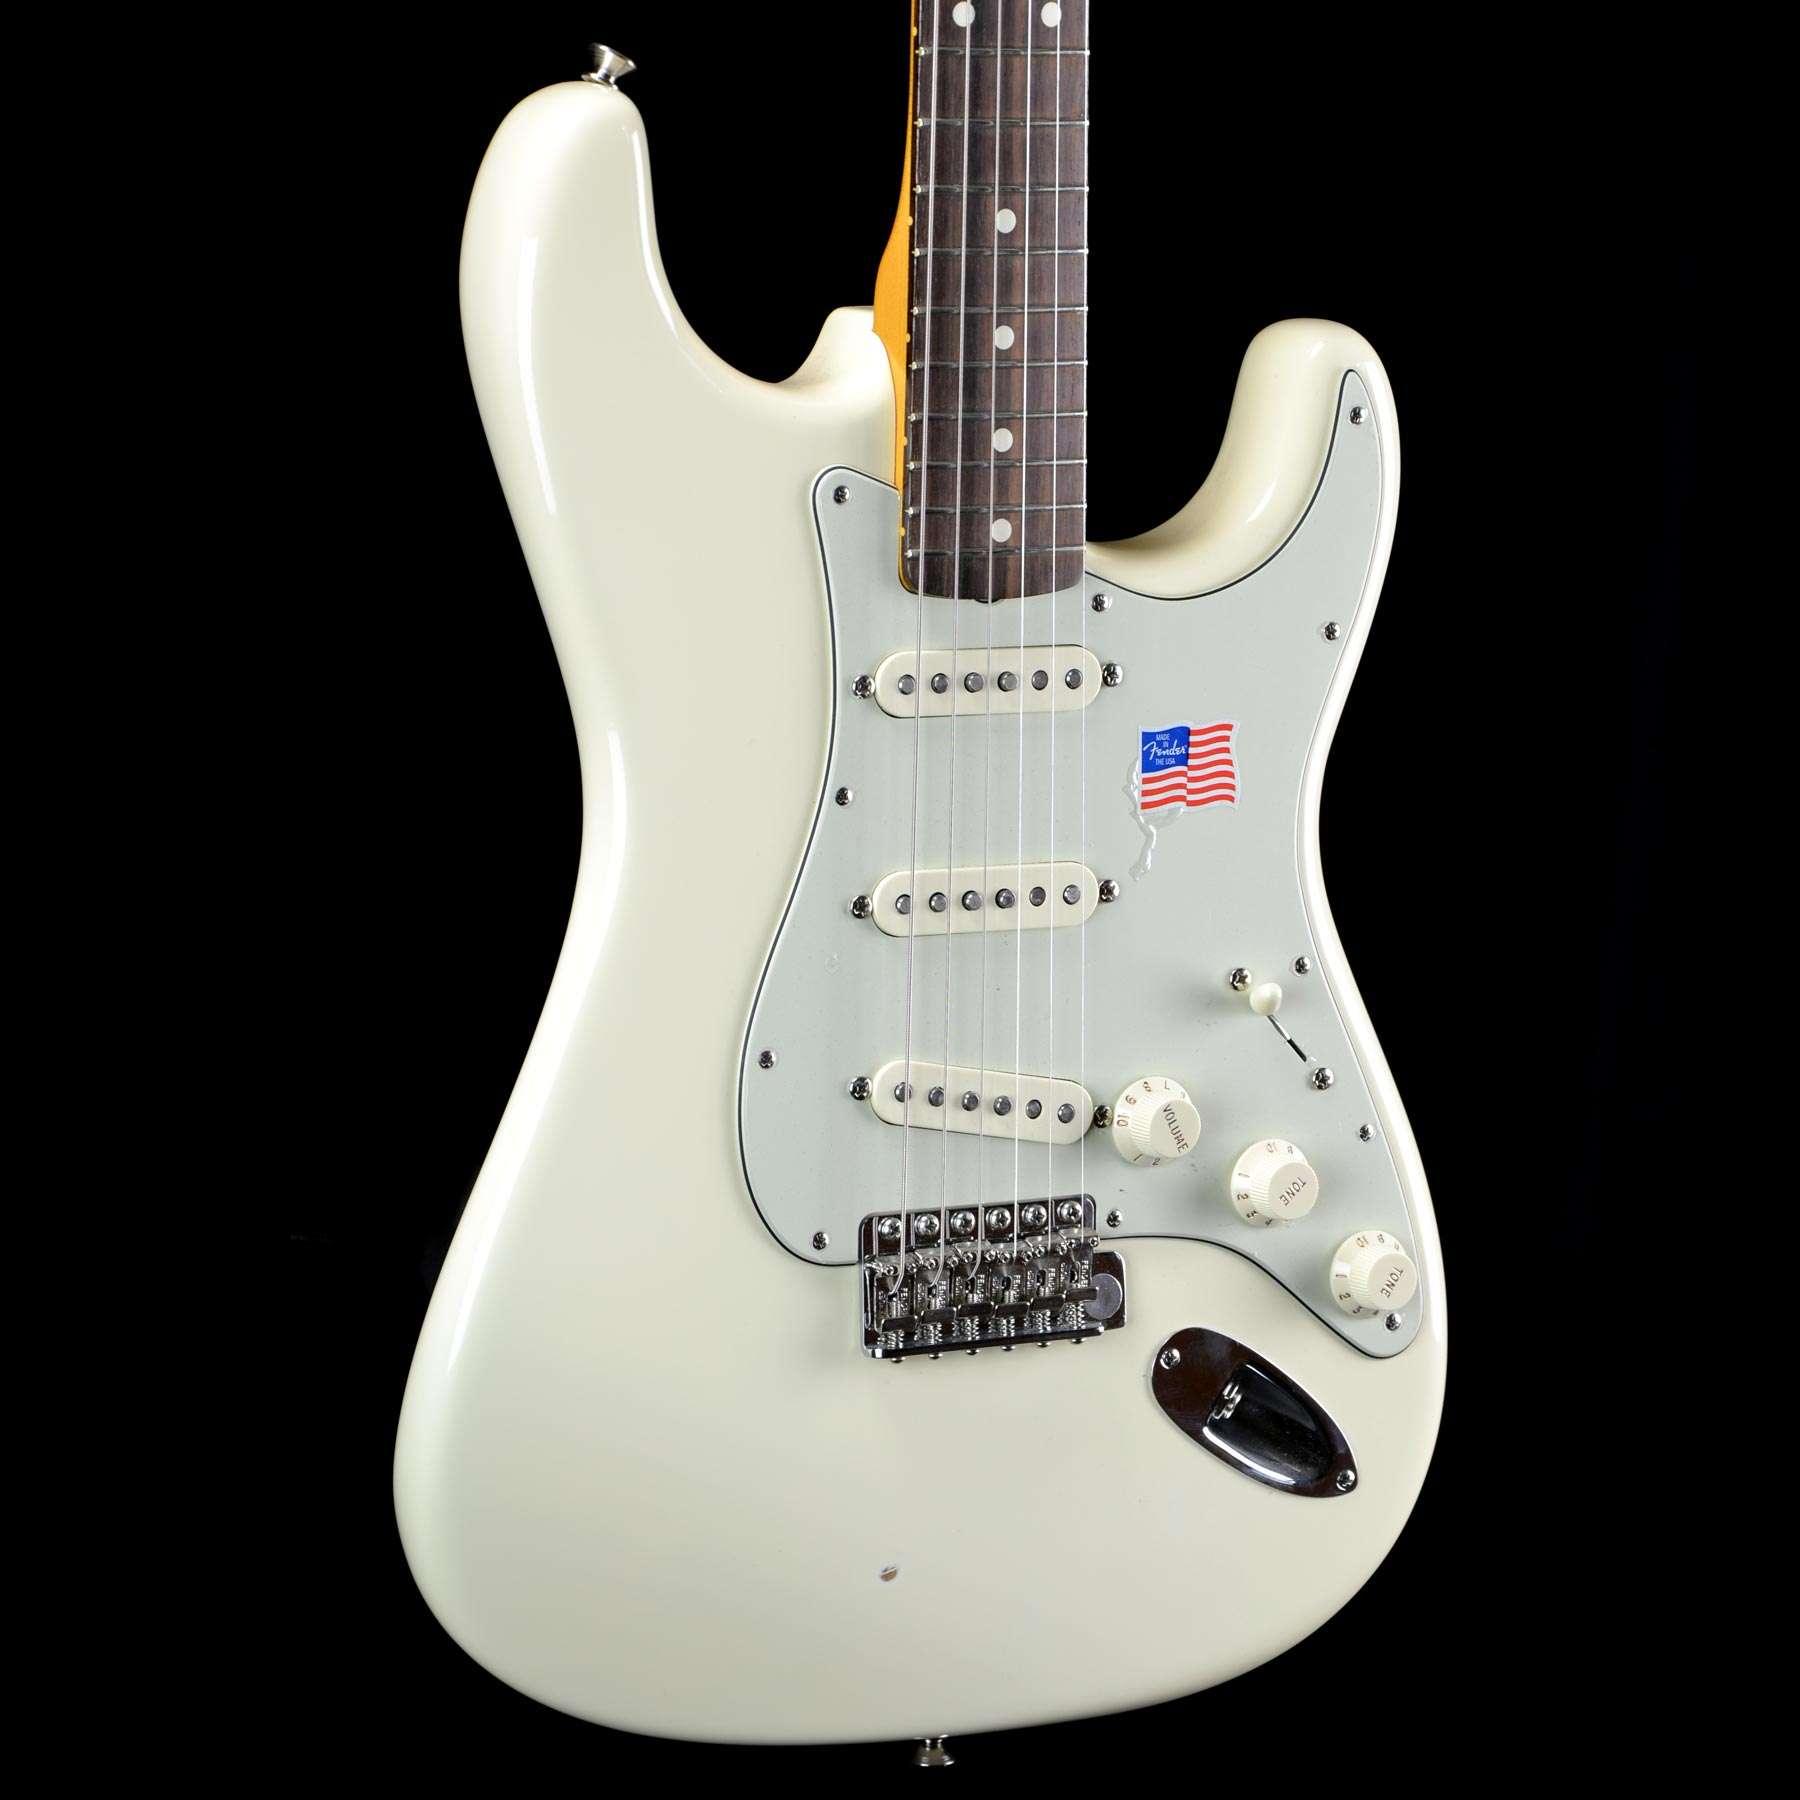 fender american vintage 62 stratocaster olympic white blem wild west guitars. Black Bedroom Furniture Sets. Home Design Ideas